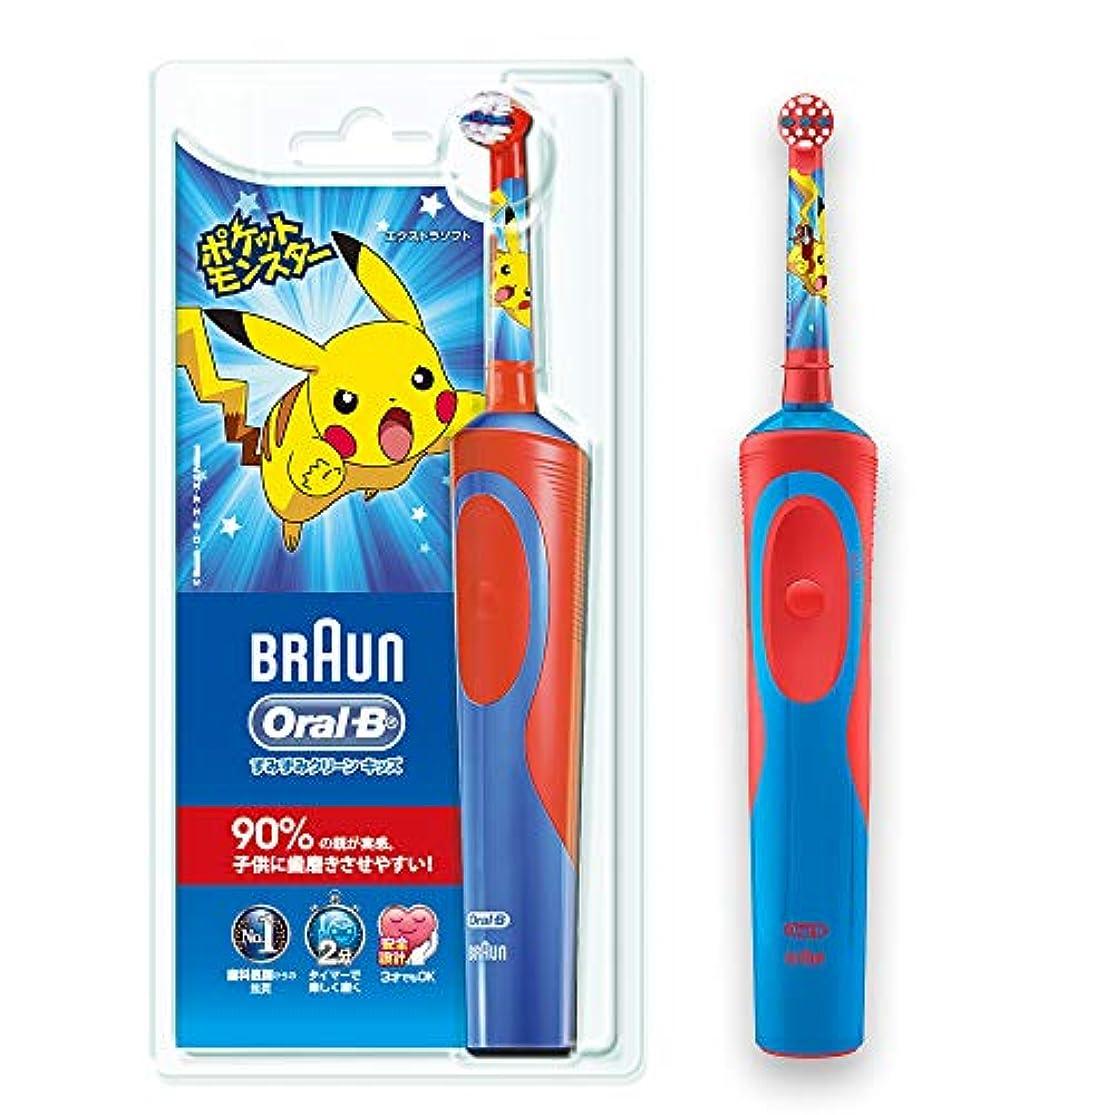 区酸化物一元化するブラウン オーラルB 電動歯ブラシ 子供用 D12513KPKMB すみずみクリーンキッズ 本体 レッド ポケモン 歯ブラシ